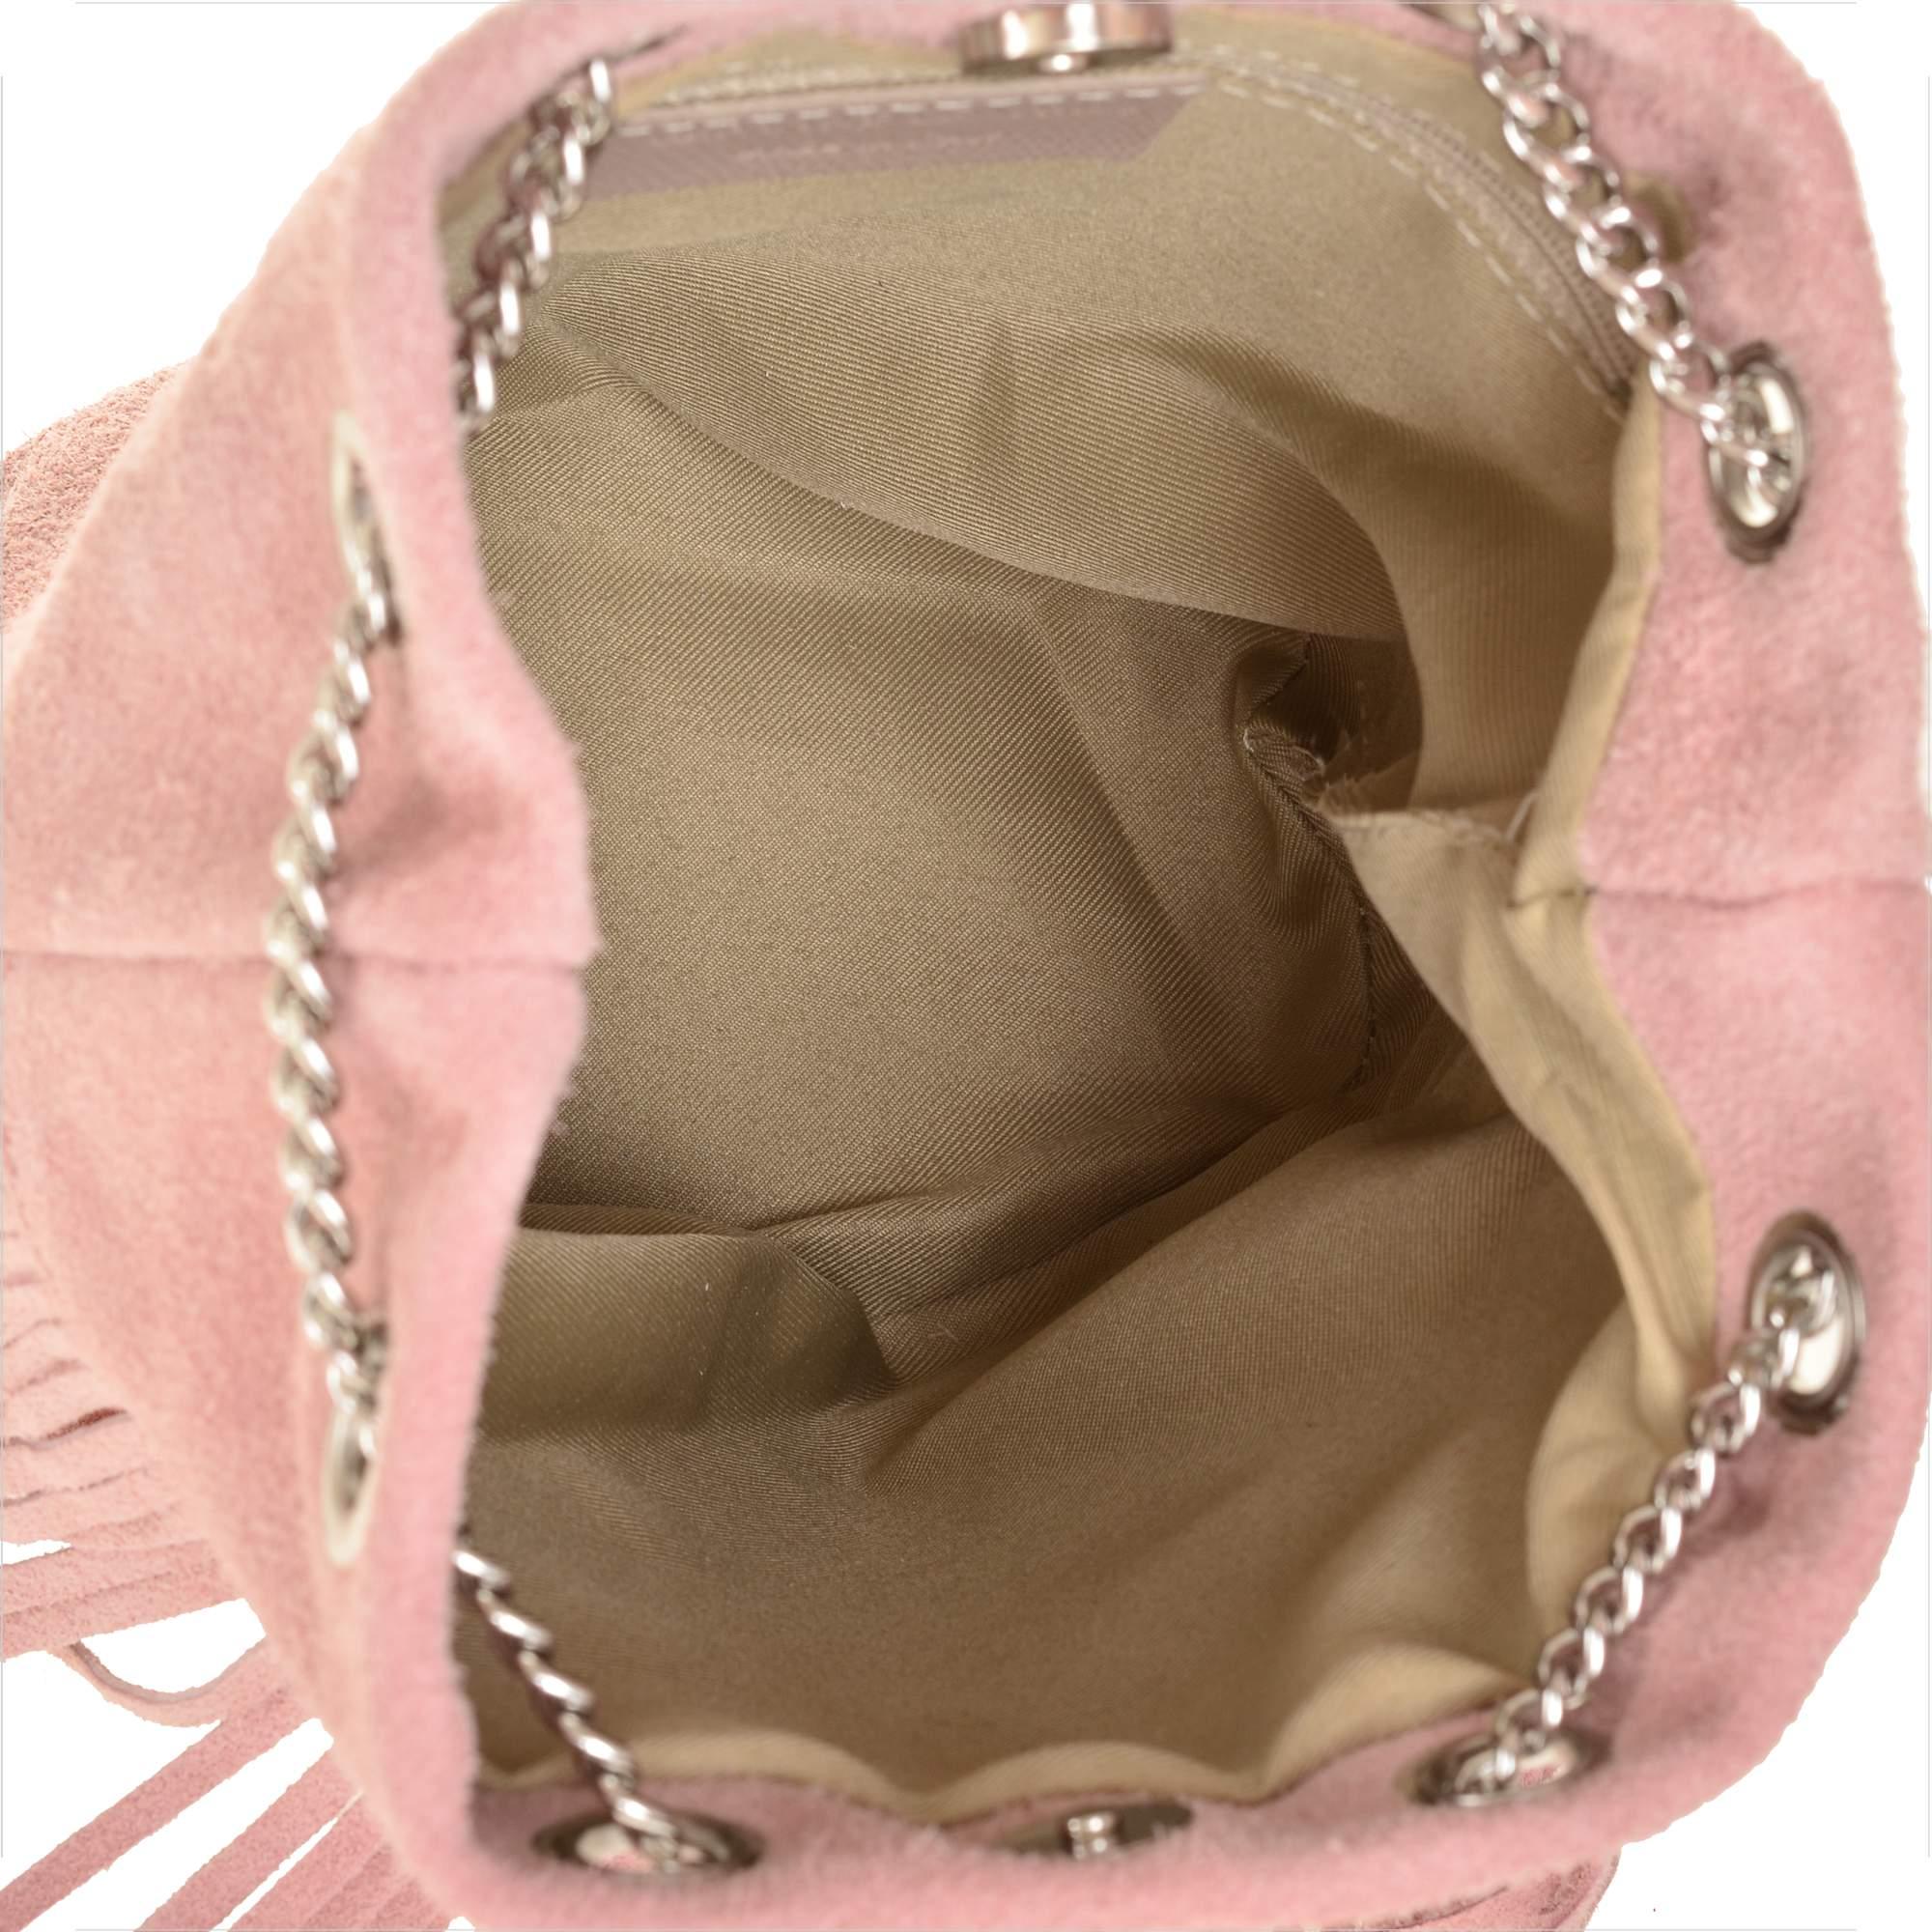 e69e475eada74 Zamszowe torebki damskie, worek róż pudrowy - 7324894921 - oficjalne ...